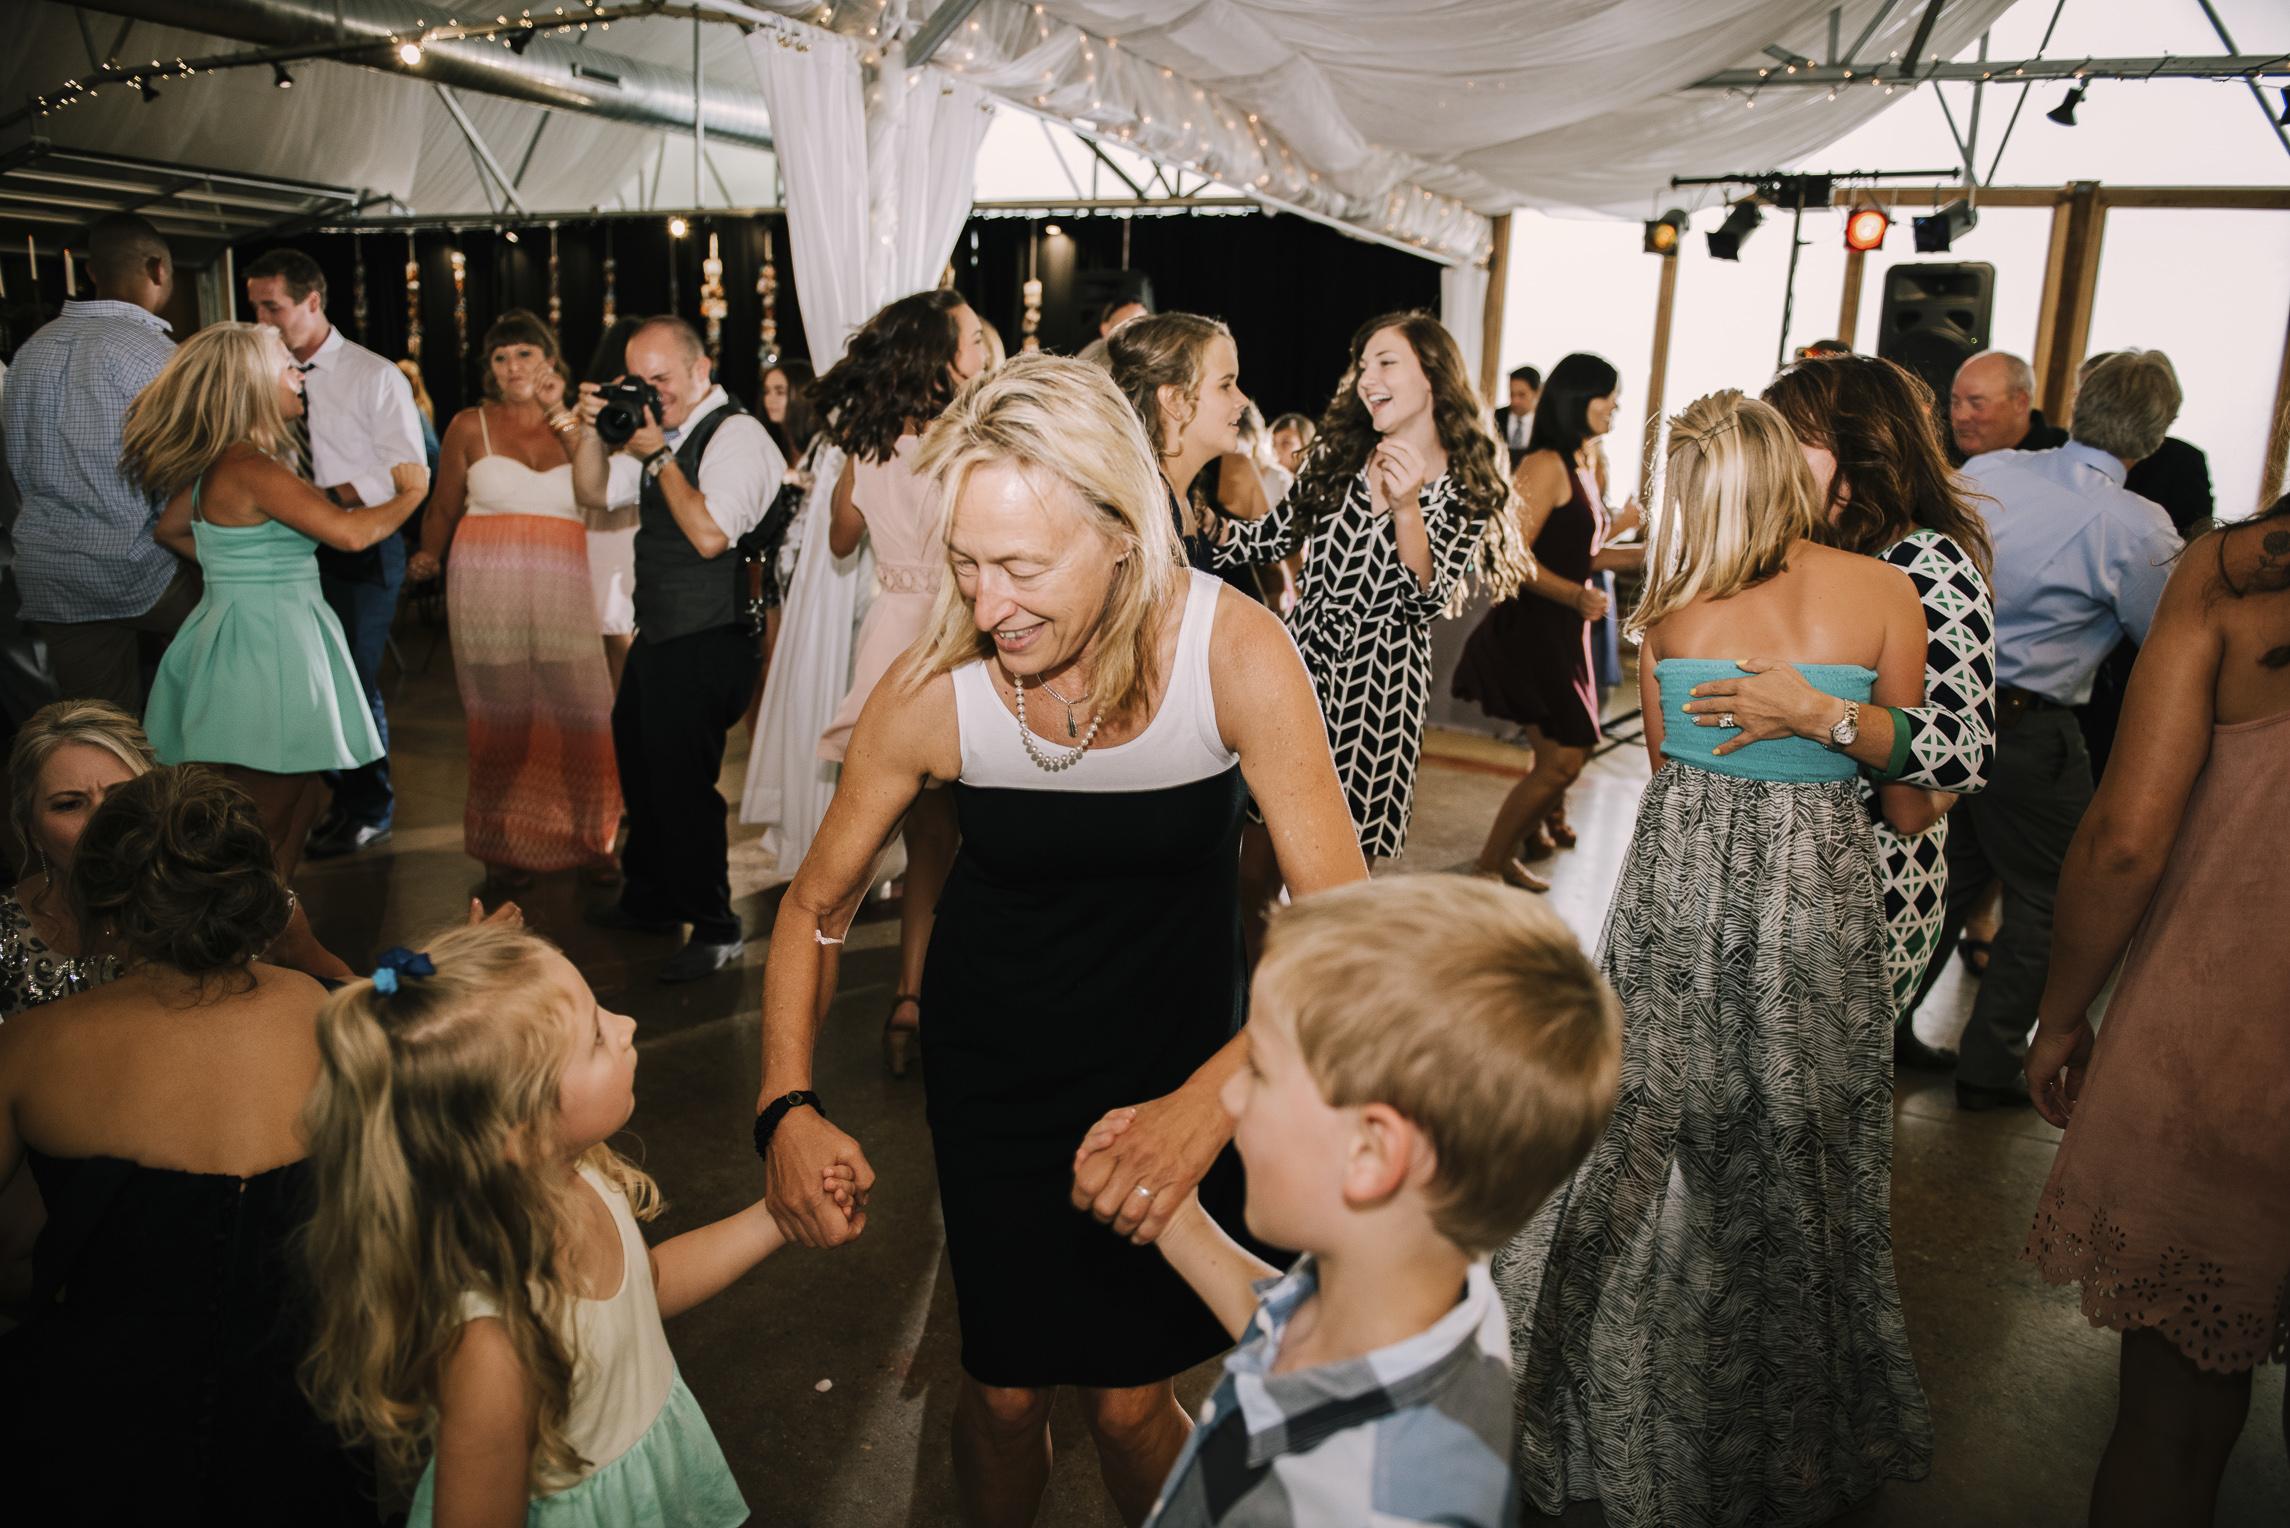 web sized images -- no to print --CALVIN & MCKYLEY WEDDING PHOTOS - COLORADO PHOTOGRAPHER - DEBI RAE PHOTOGRAPHY-2036.jpg